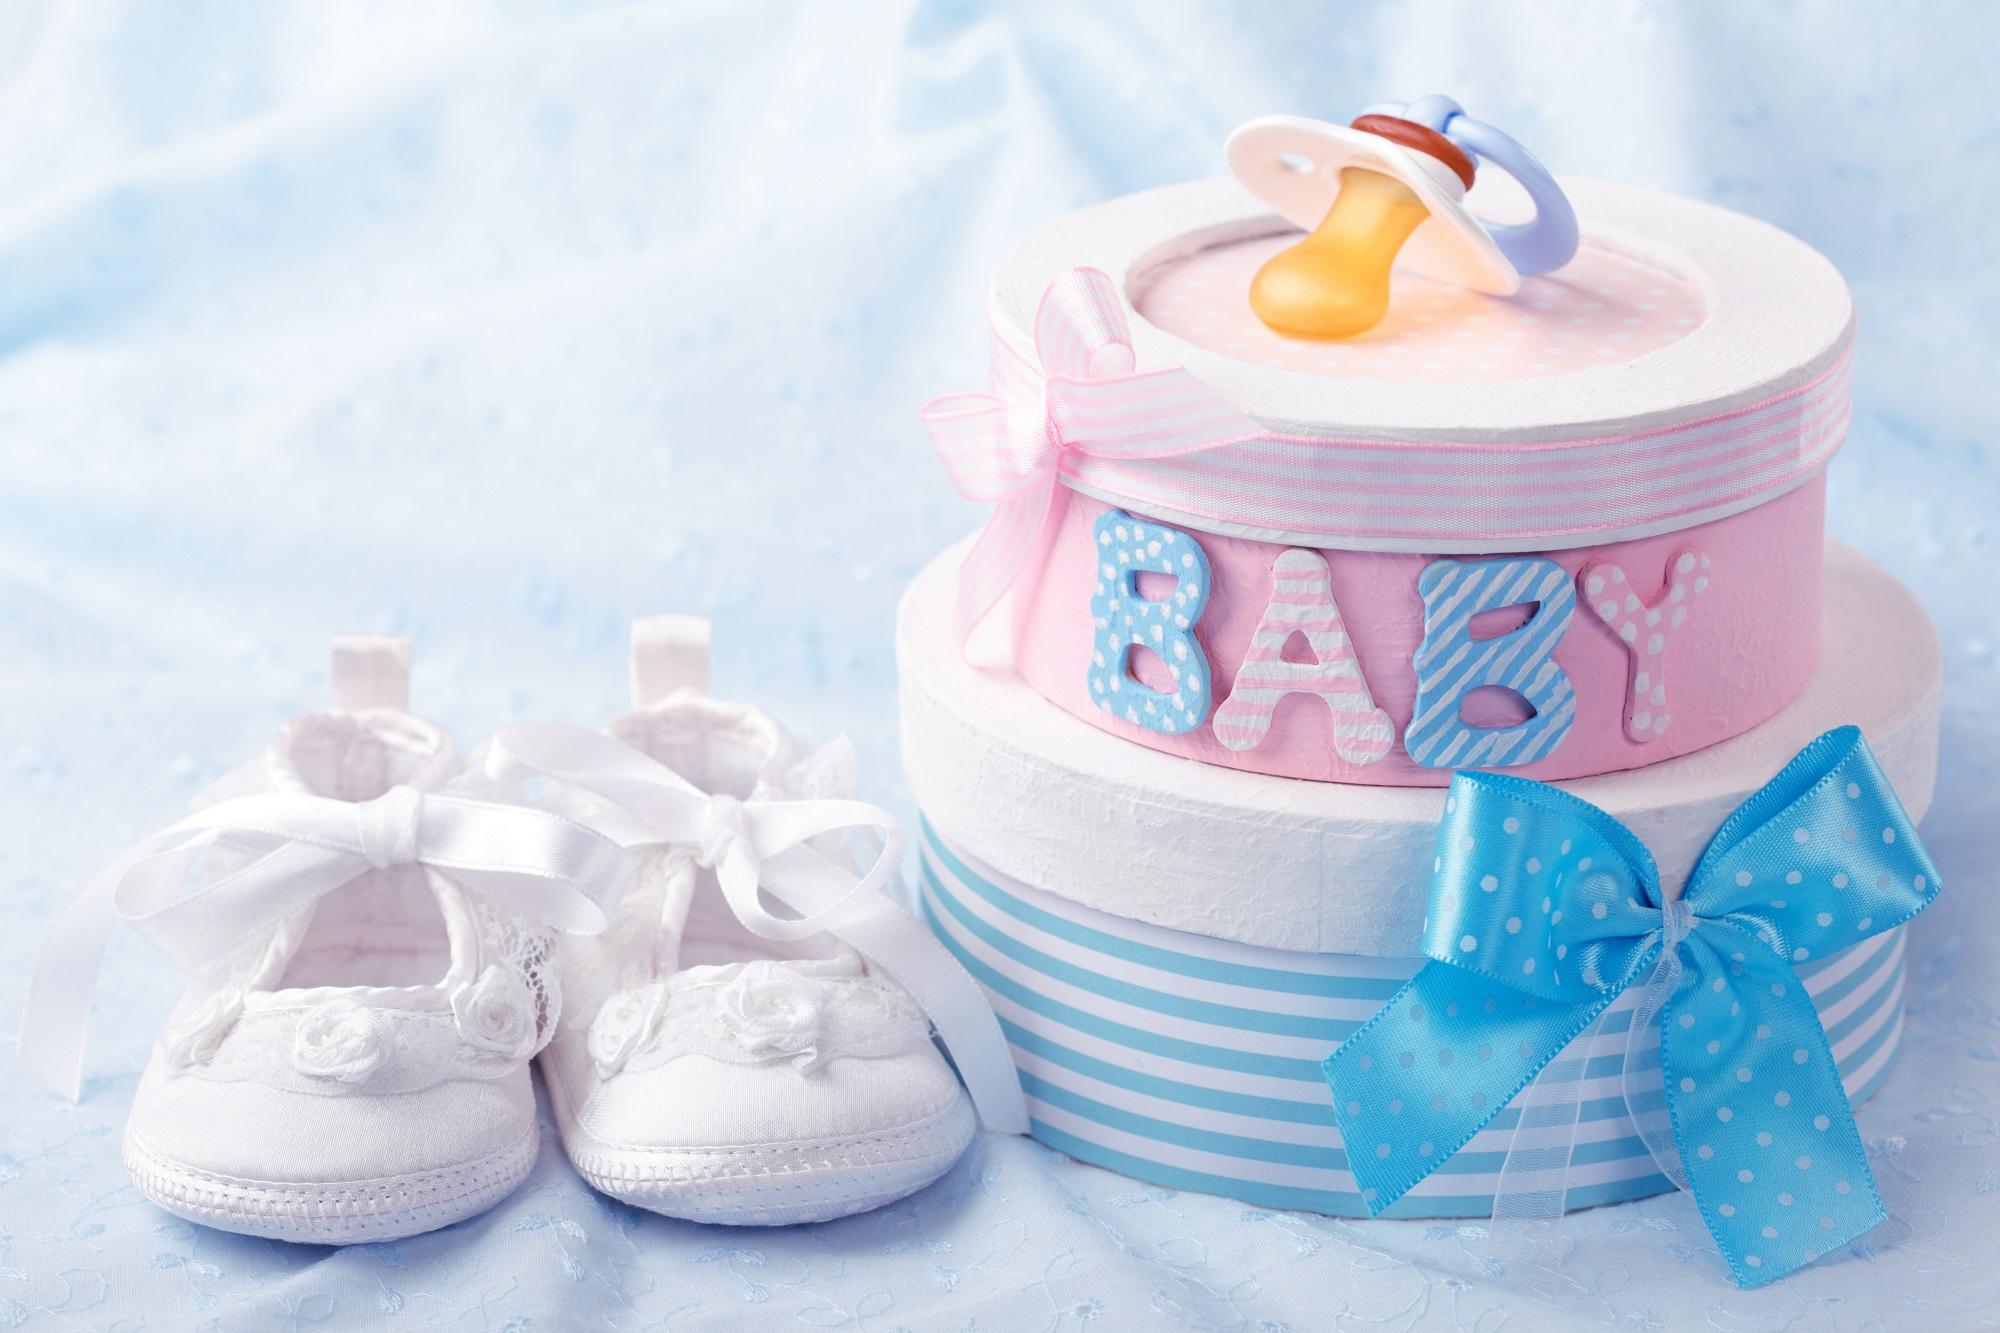 Geschenke zur Geburt basteln: 7 süße DIY-Ideen für Baby & Mama